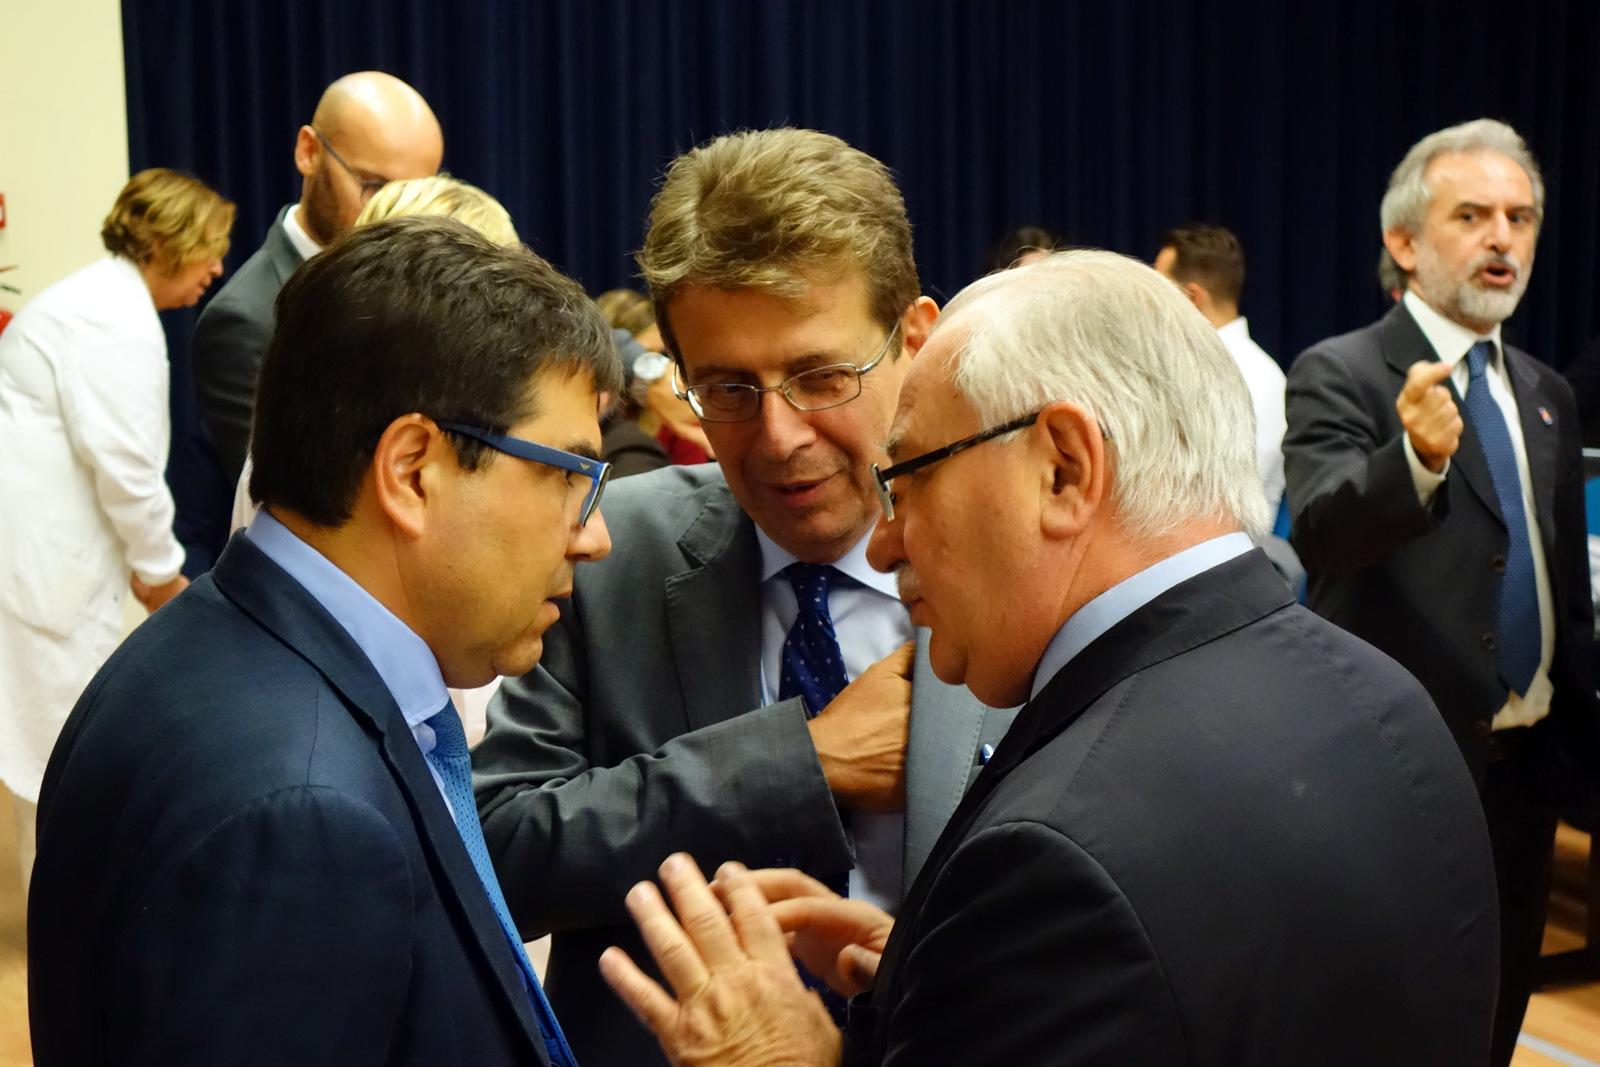 L'assessore Regionale alla sanità D'Amato con il Direttore IFO Ripa di Meana allapresentazione del centro di fase 1 degli IFO